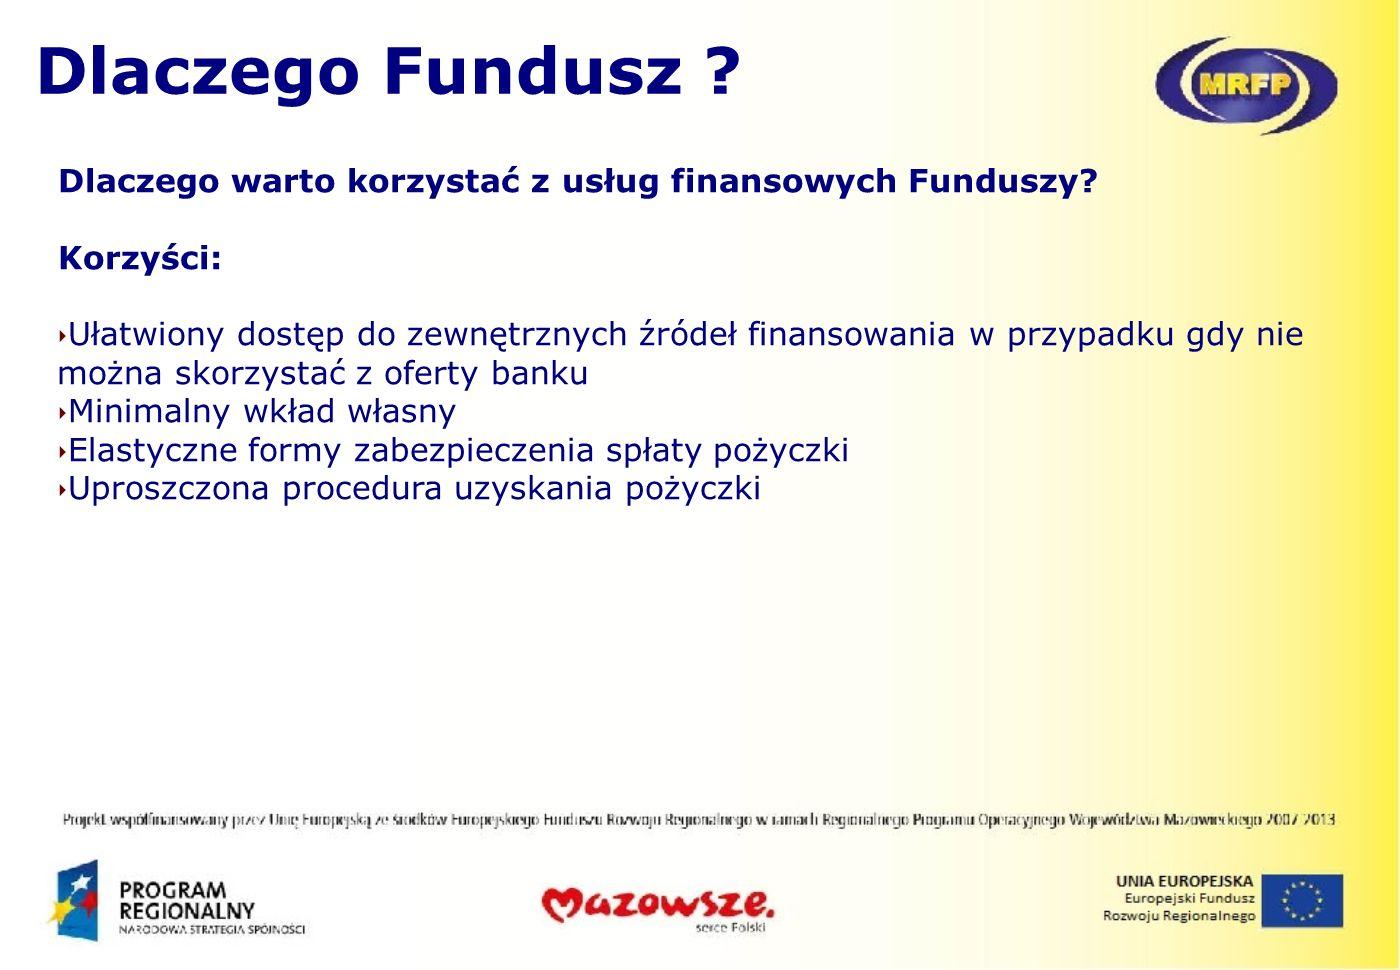 Dlaczego warto korzystać z usług finansowych Funduszy? Korzyści: Ułatwiony dostęp do zewnętrznych źródeł finansowania w przypadku gdy nie można skorzy